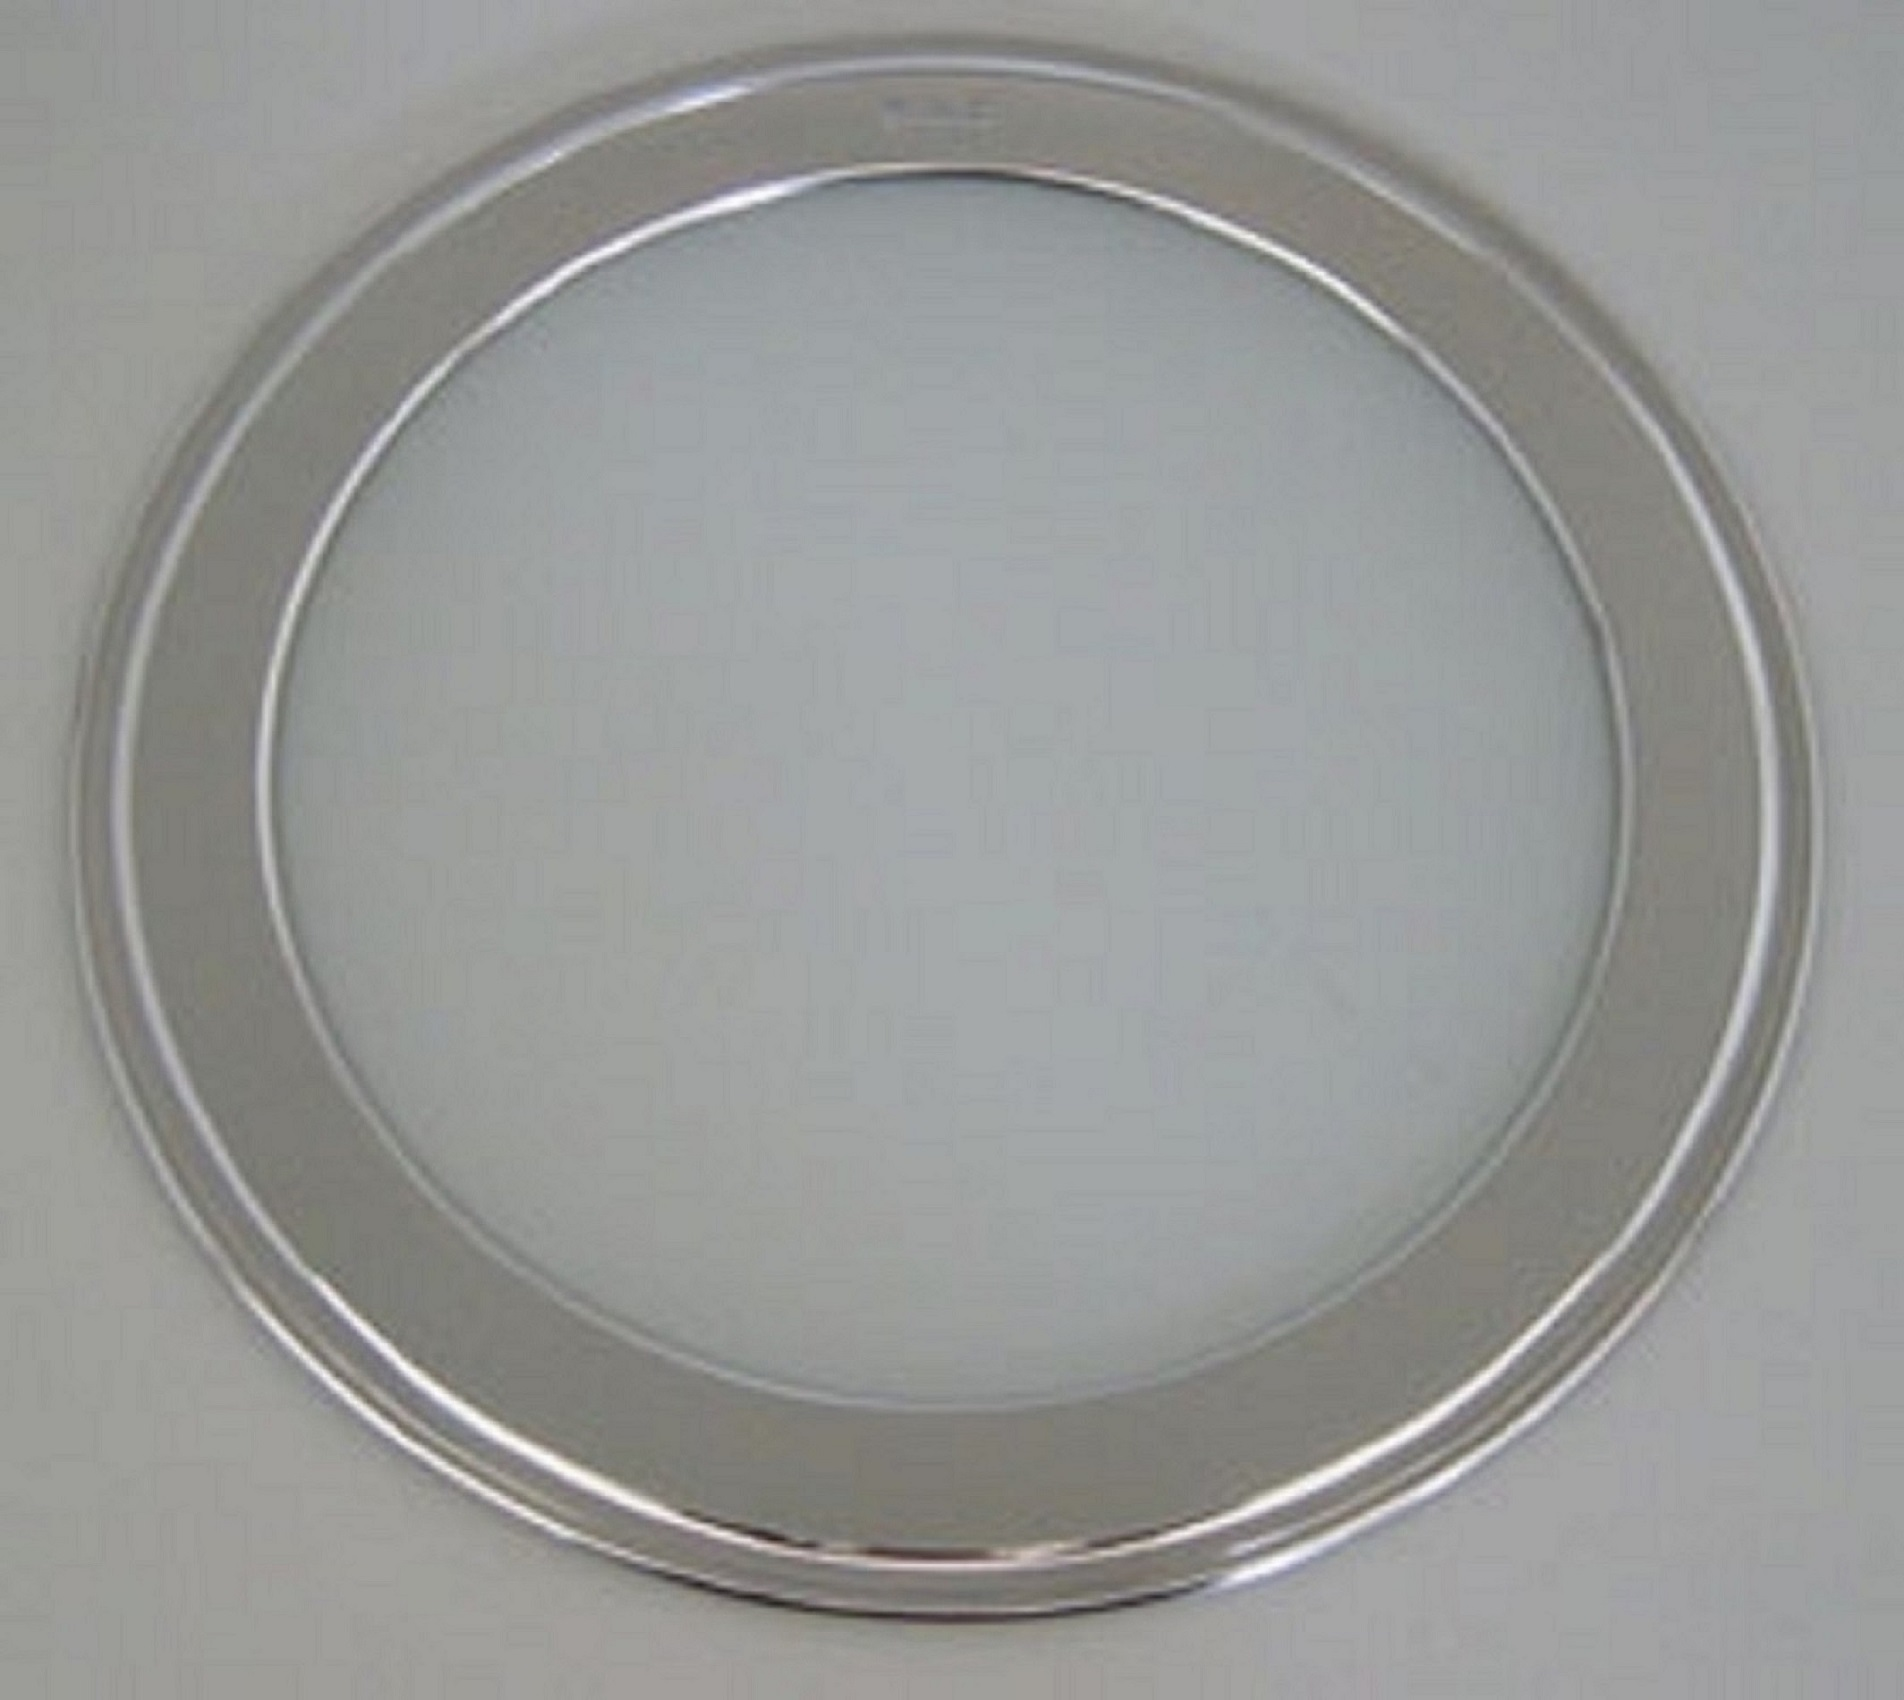 Sousplat fundo de vidro borda fina (P430)